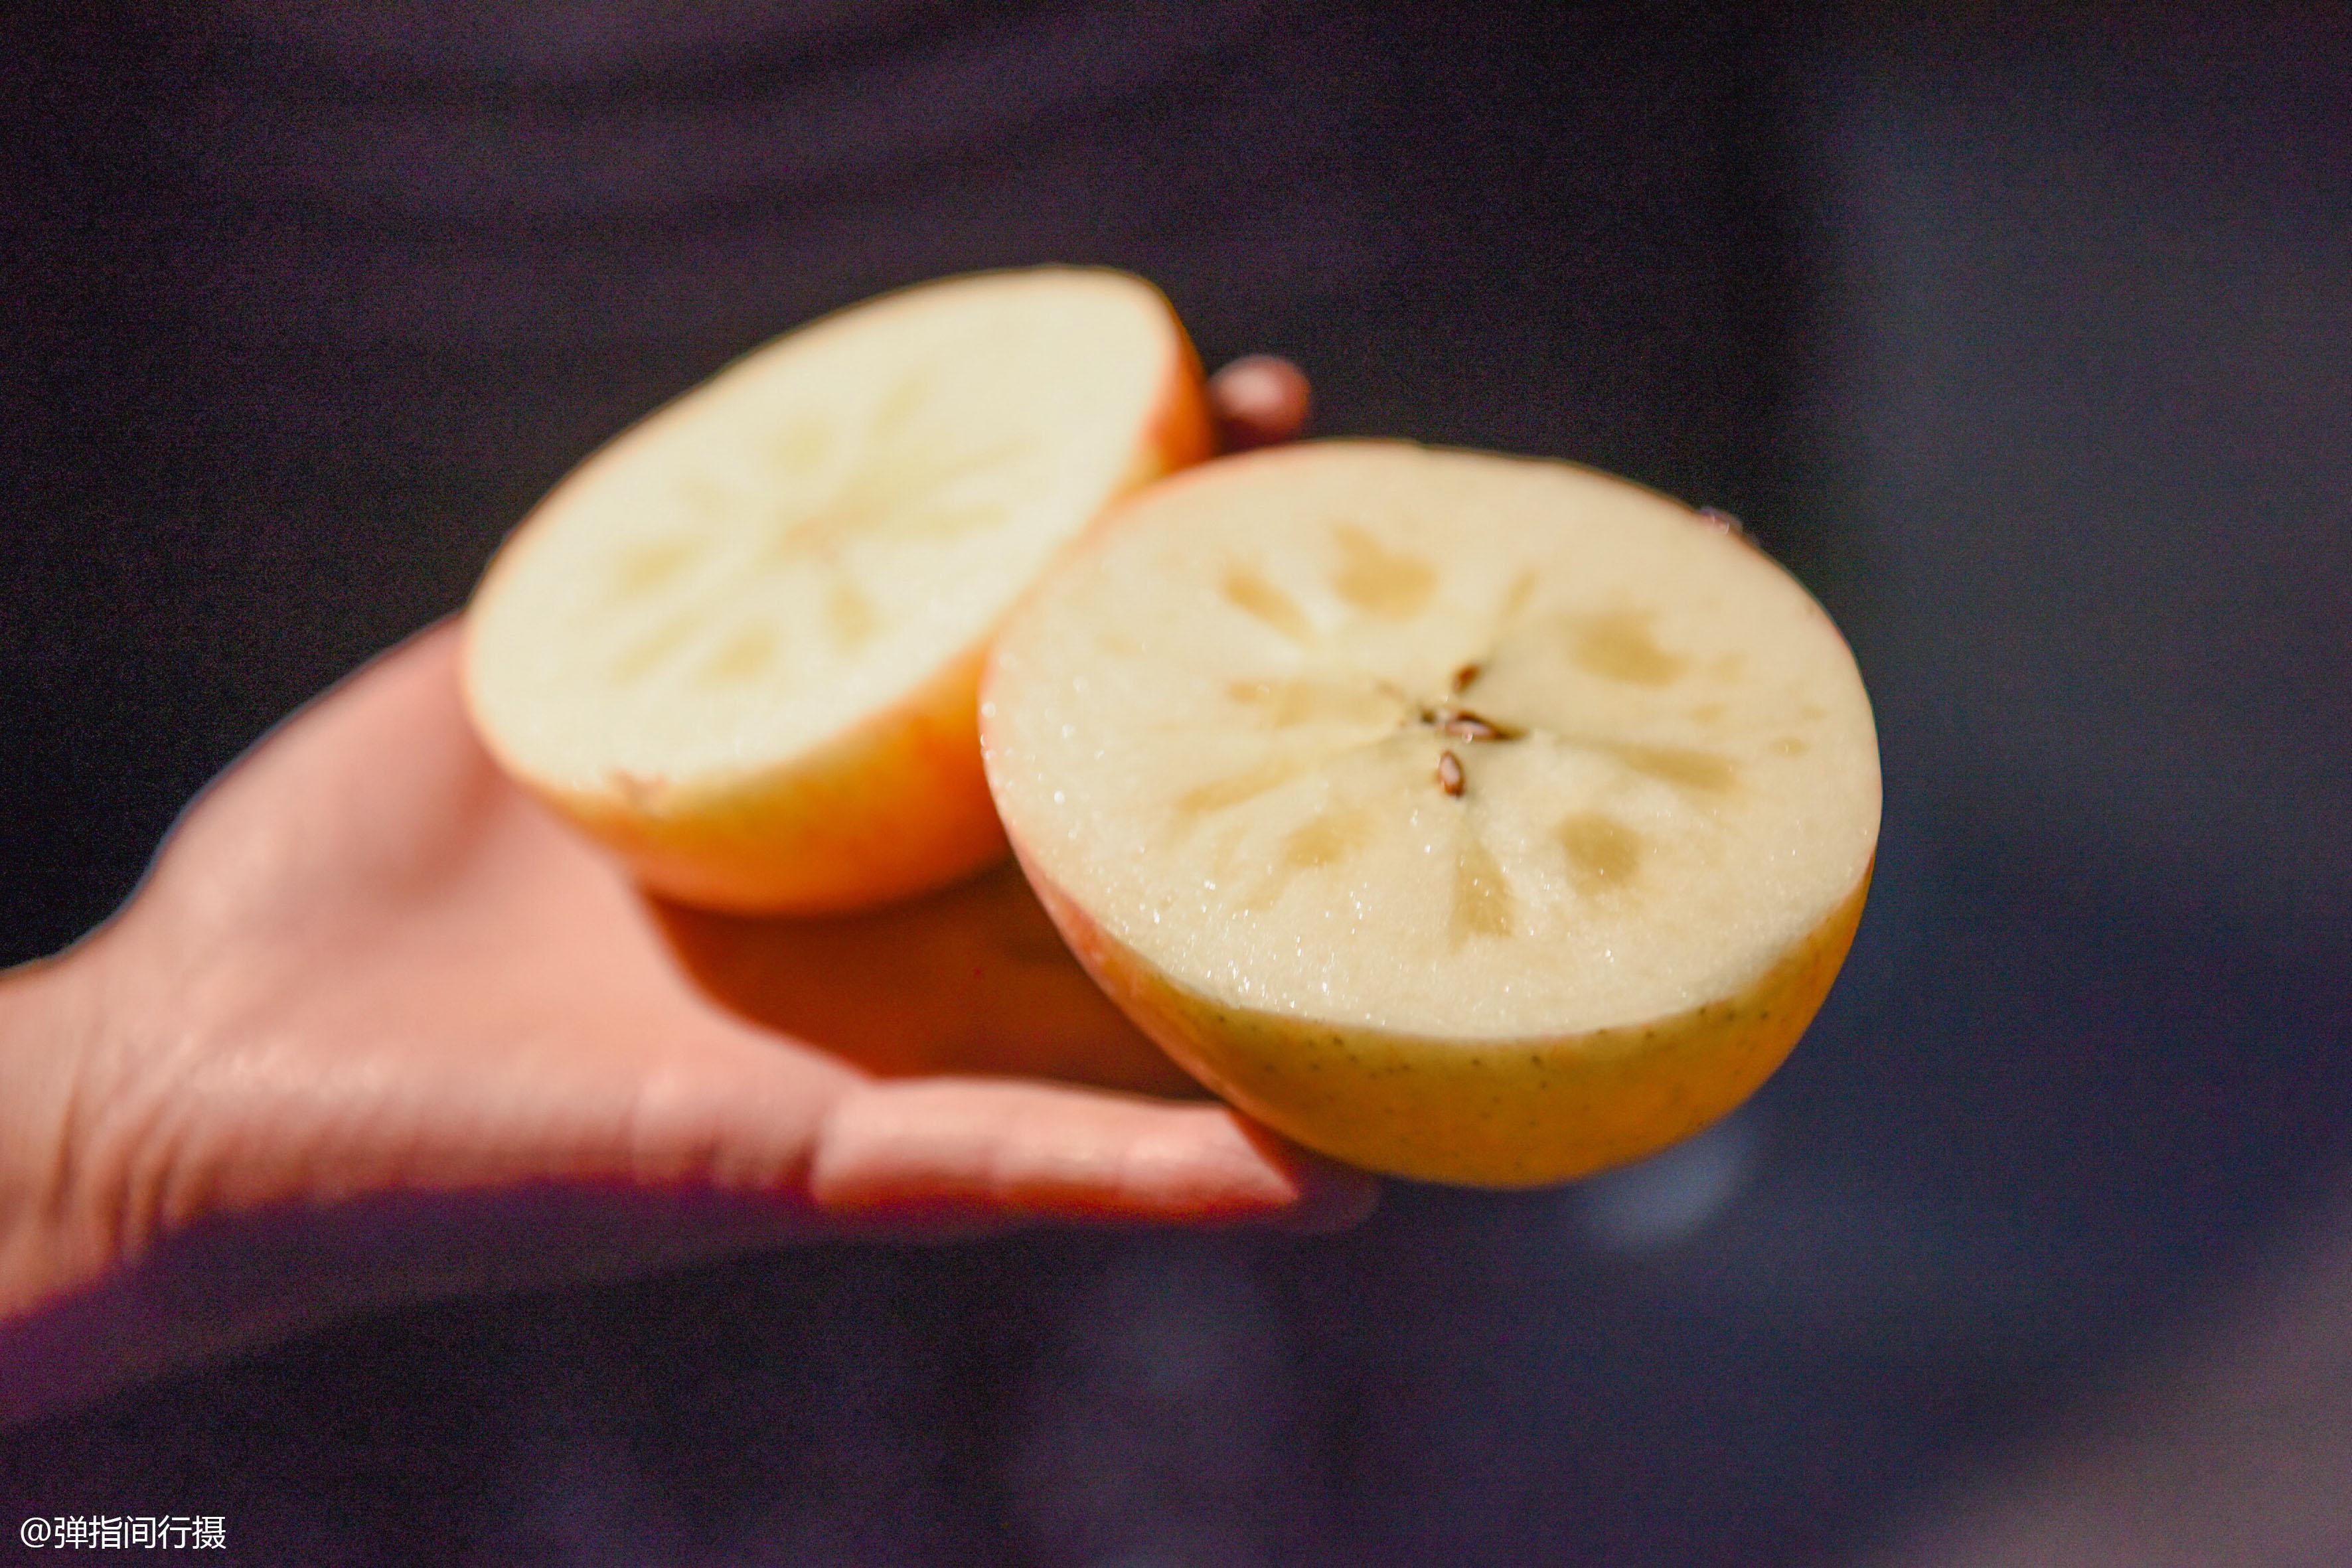 苹果切开里面是透明的怎么回事